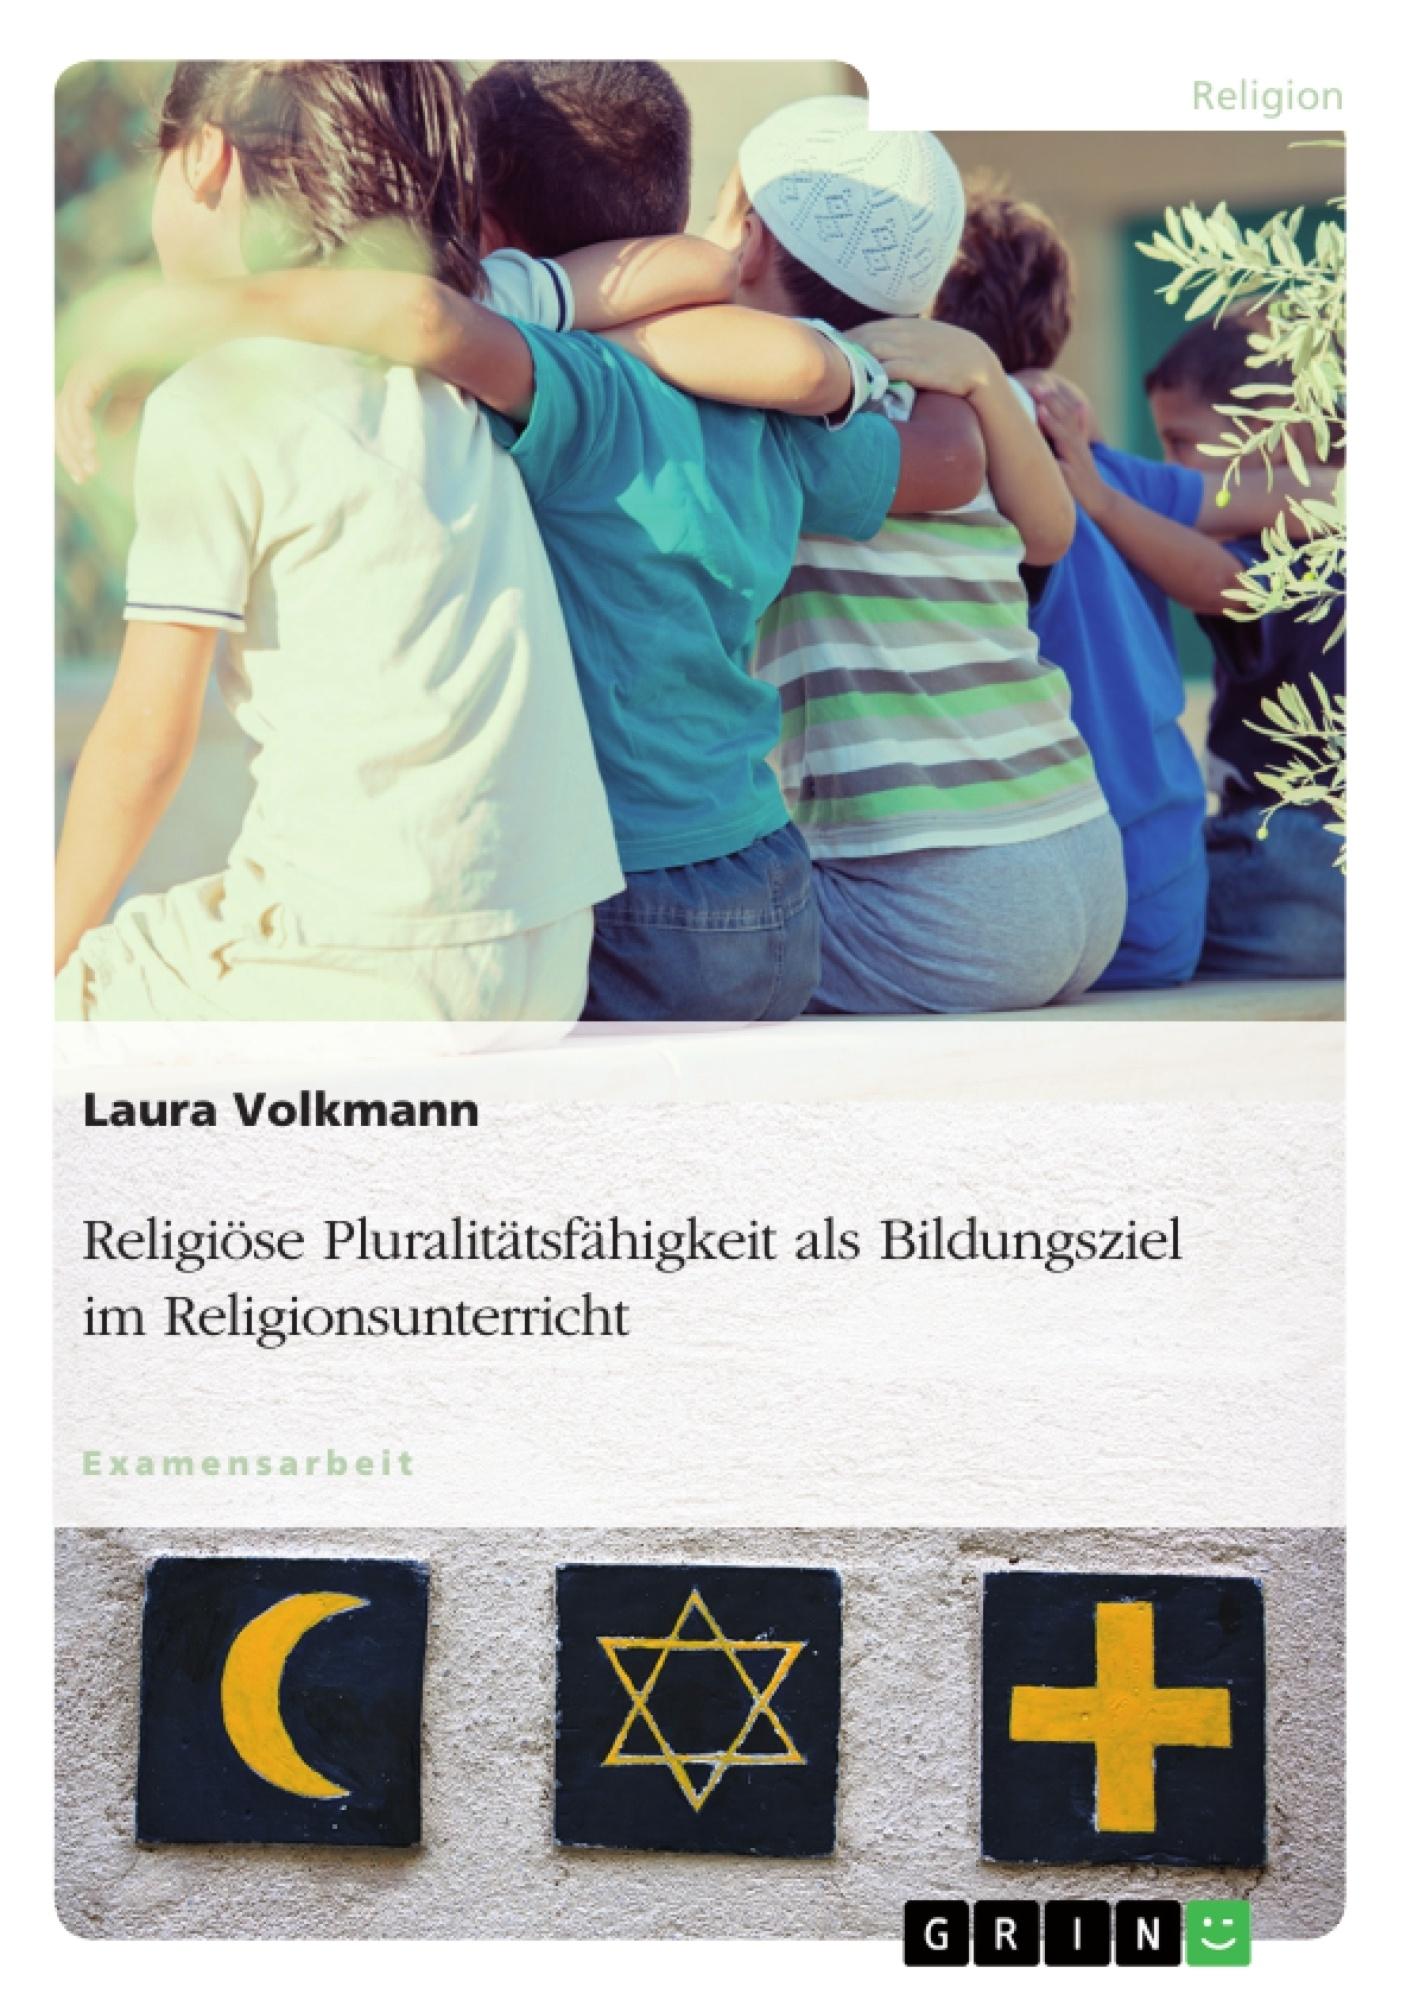 Titel: Religiöse Pluralitätsfähigkeit als Bildungsziel im Religionsunterricht